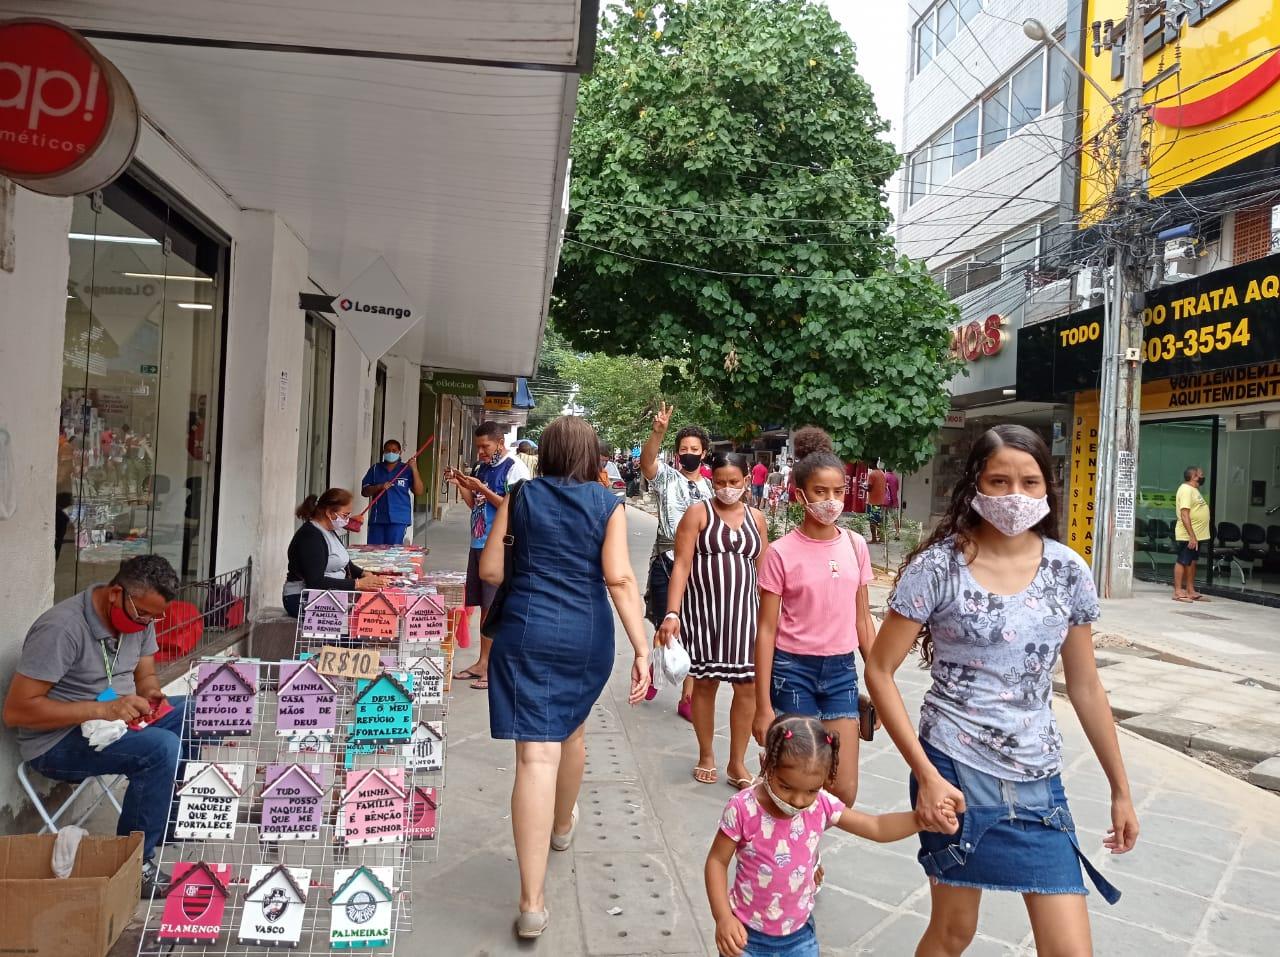 Prefeitura de Teresina prorroga medidas contra a Covid-19 (Foto: Efrém Ribeiro)